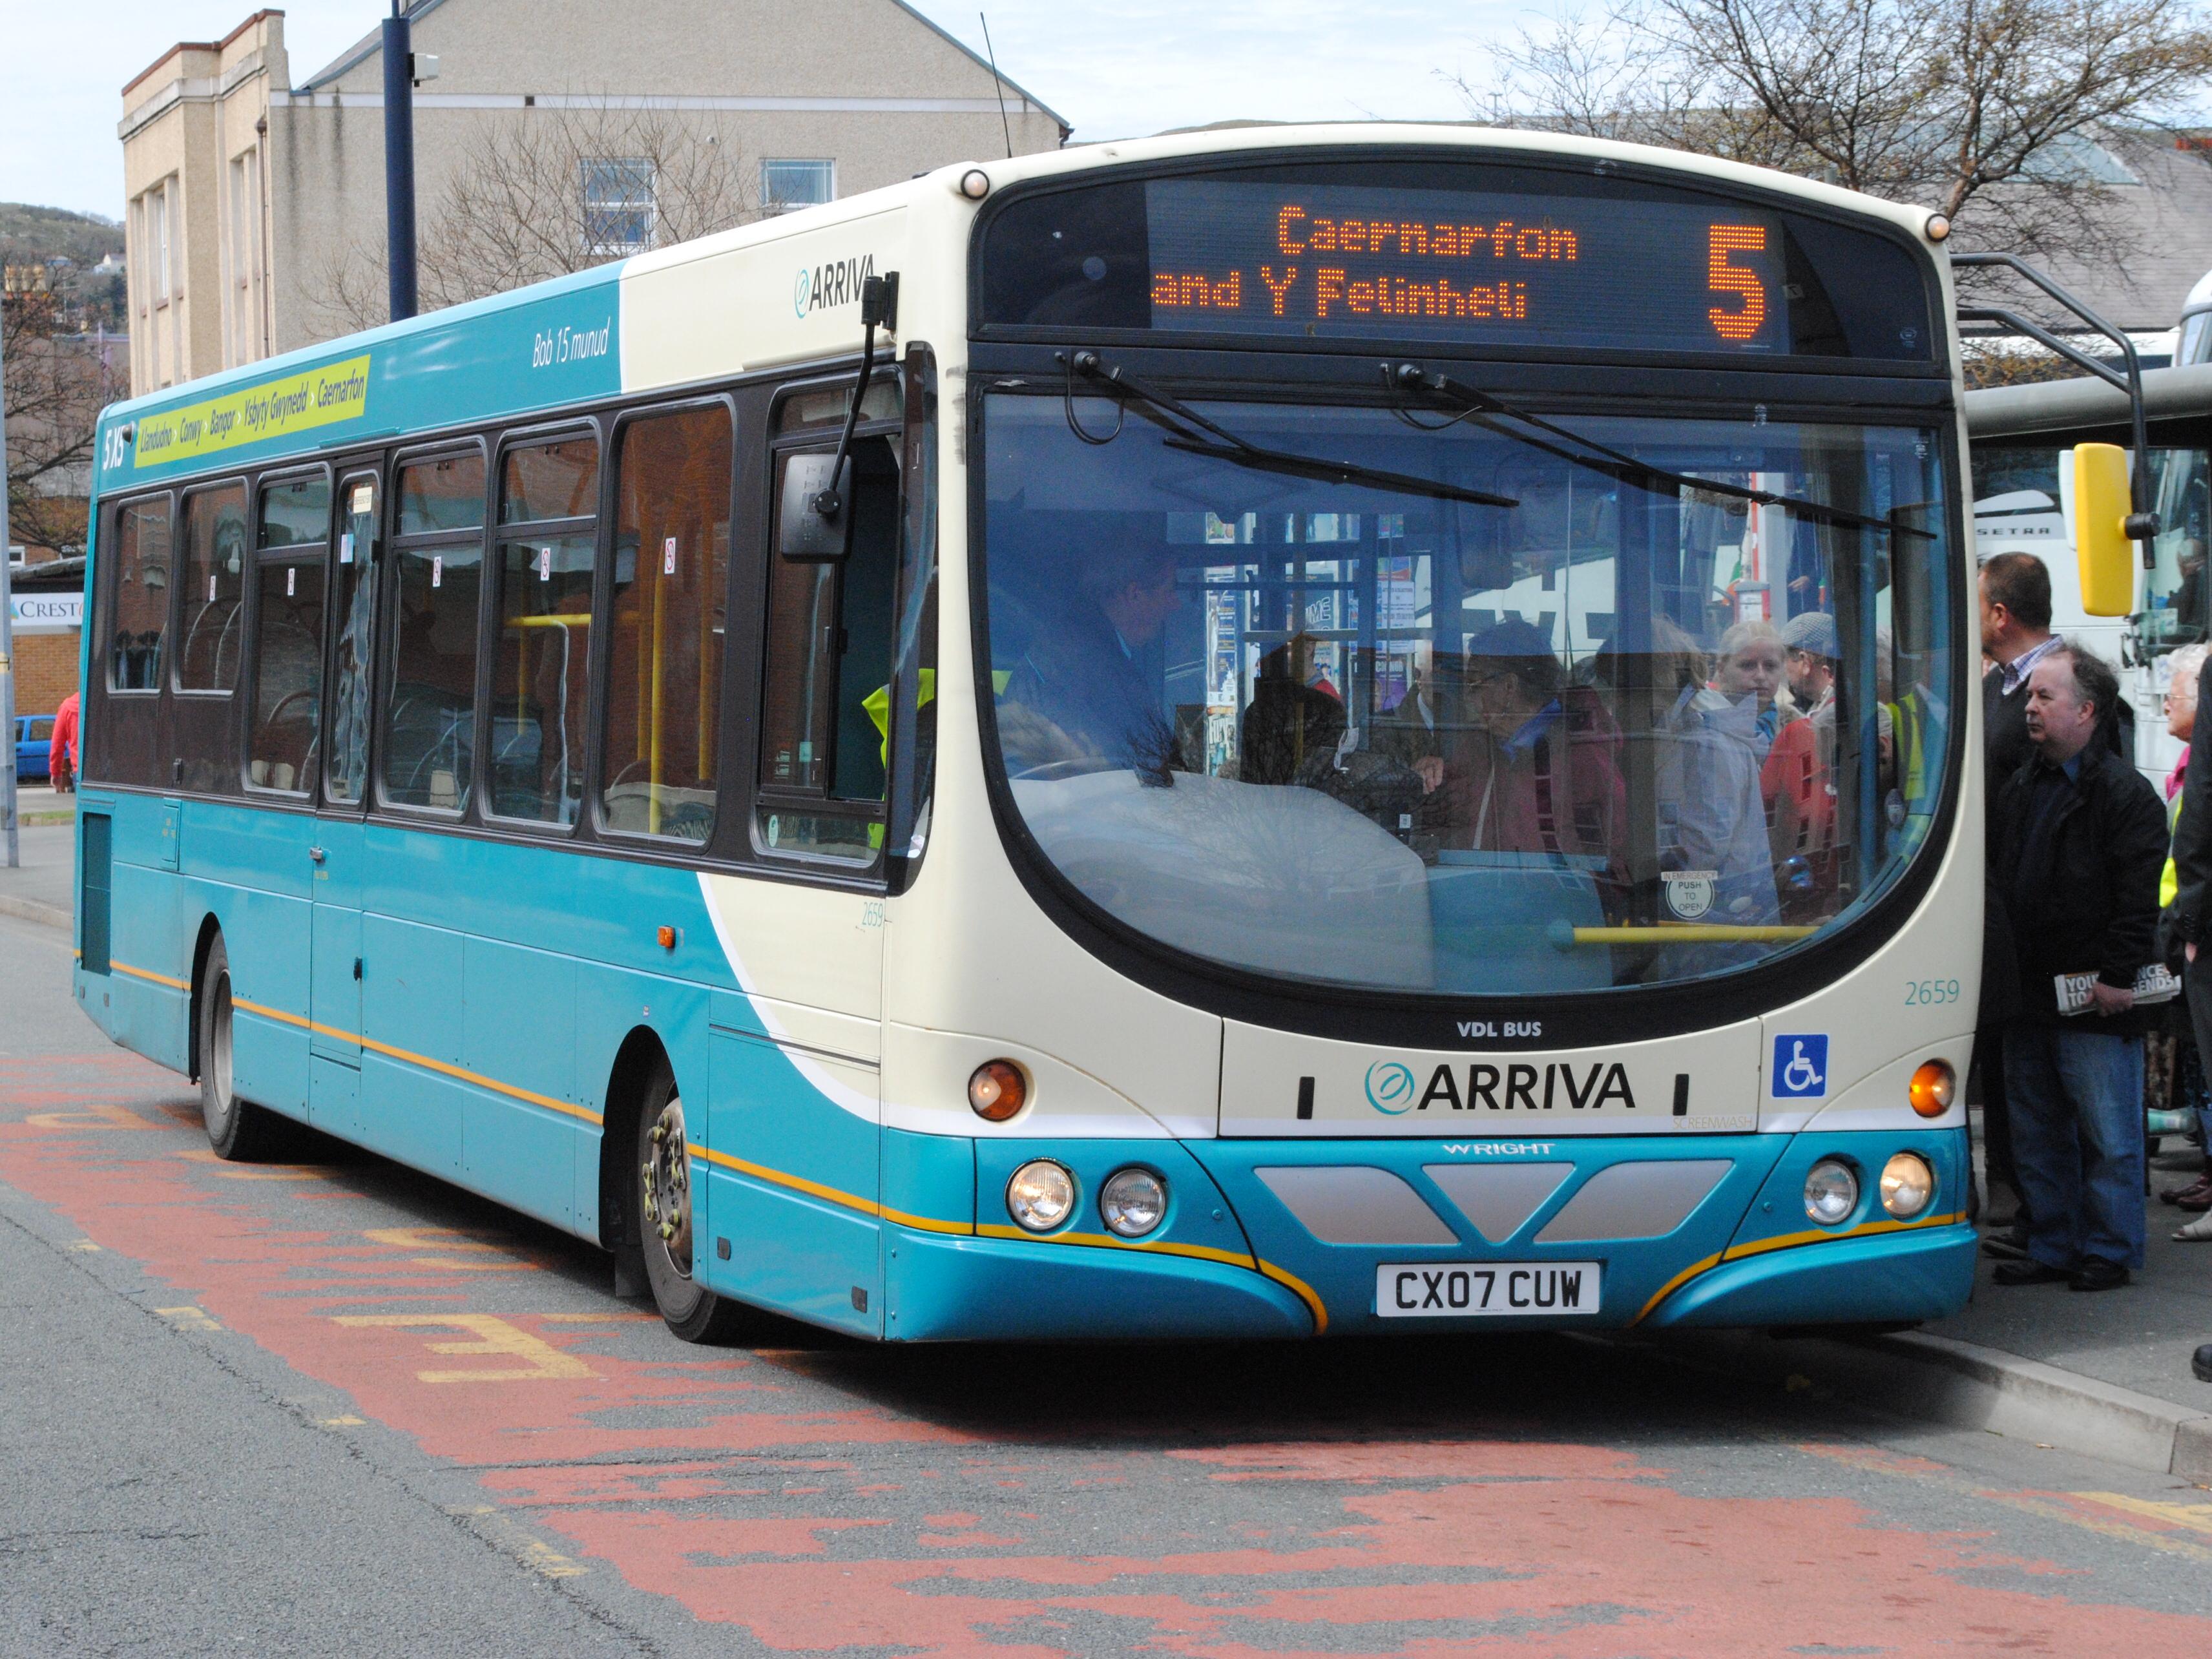 File:Arriva Buses Wales Cymru 2659 CX07CUW (8717582514).jpg